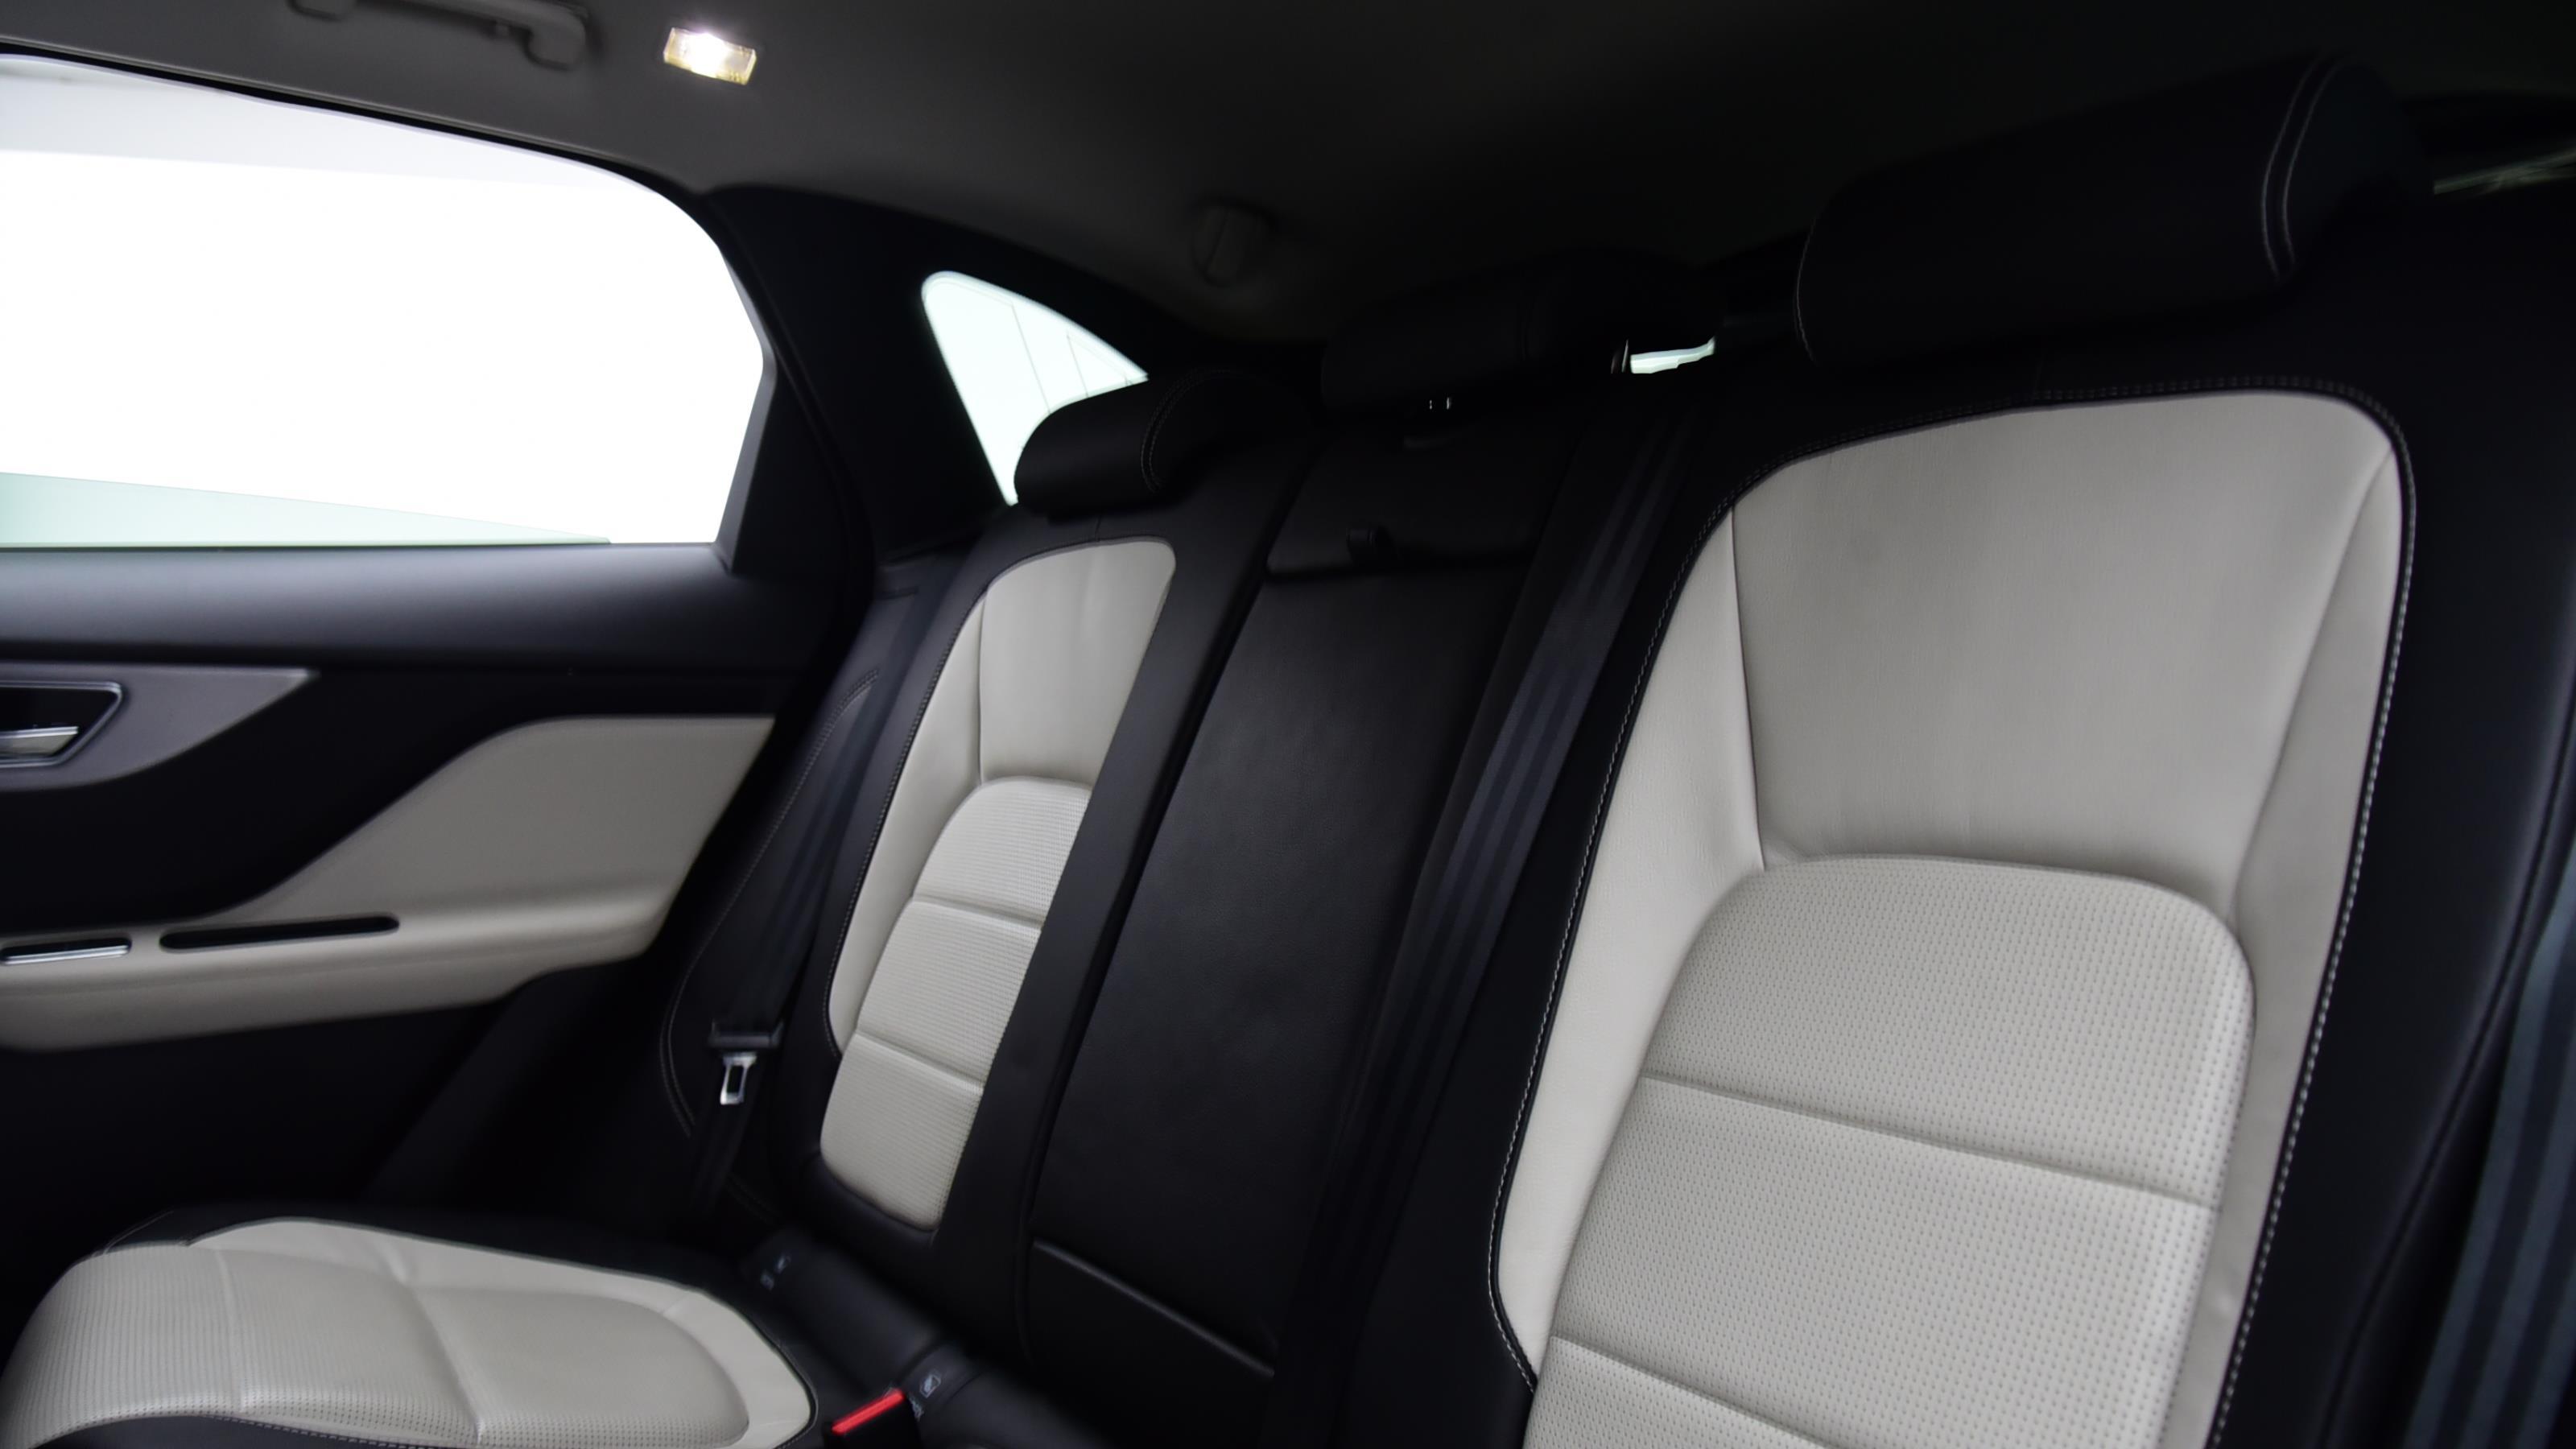 Used 2016 Jaguar F-PACE 2.0d R-Sport 5dr Auto AWD BLACK at Saxton4x4